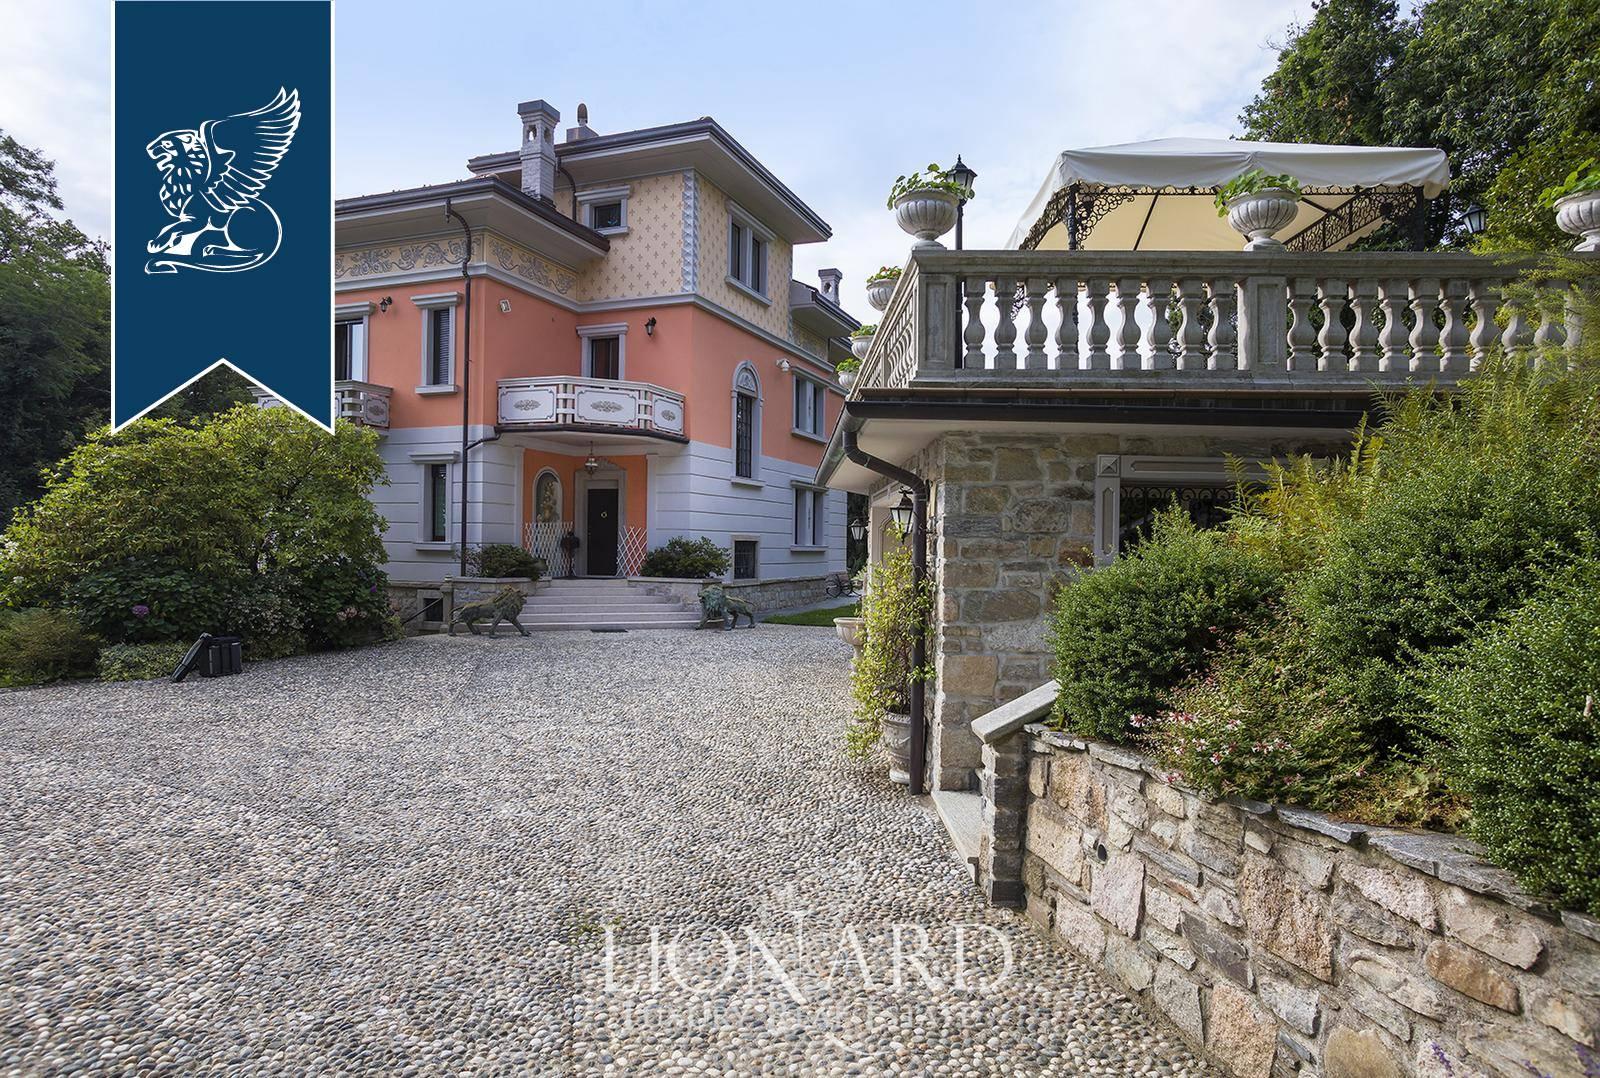 Villa in Vendita a Gignese: 0 locali, 600 mq - Foto 8